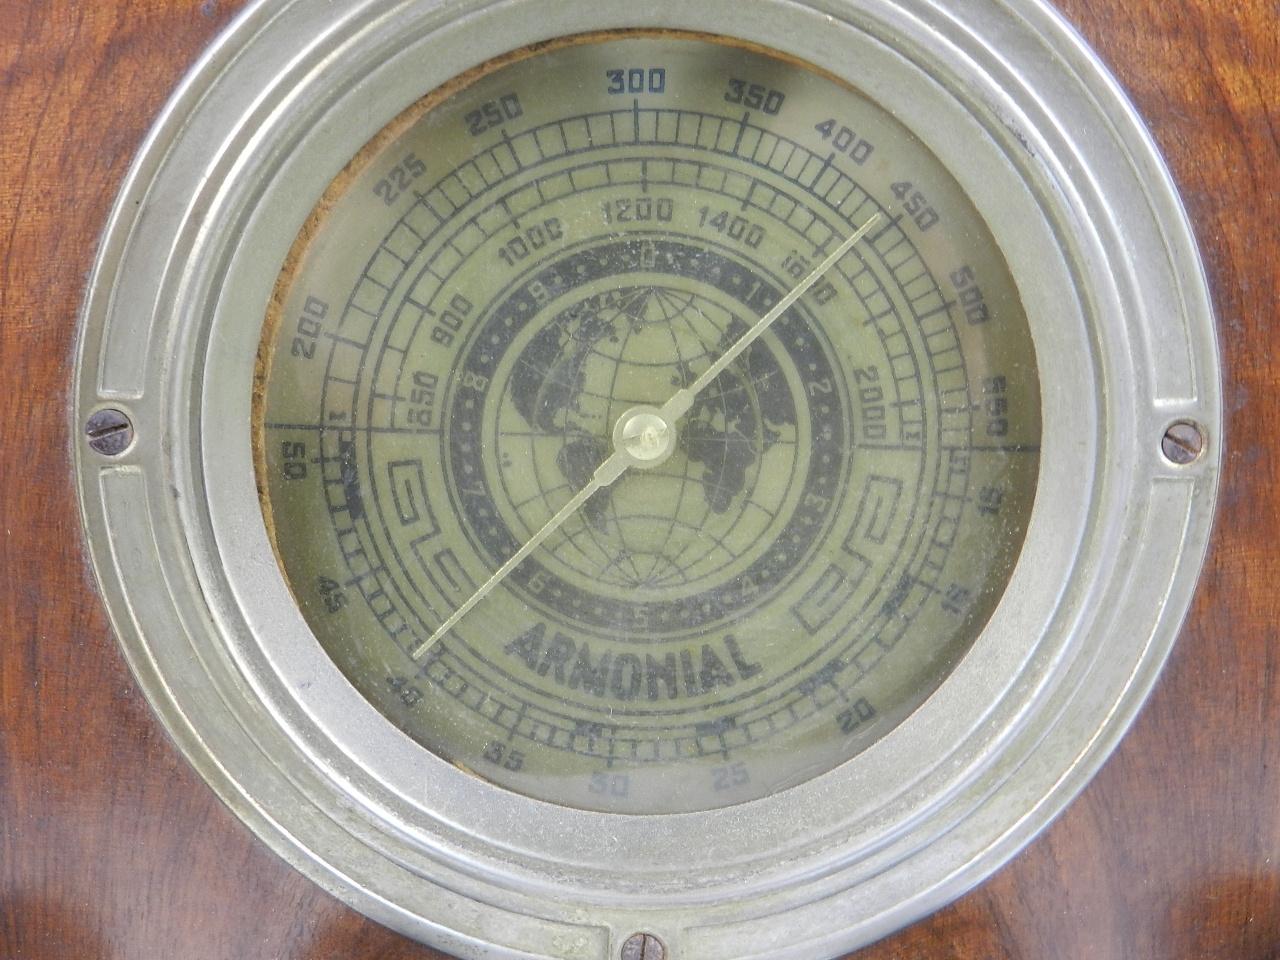 Imagen RADIO  ARMONIAL AÑO 1938 28575